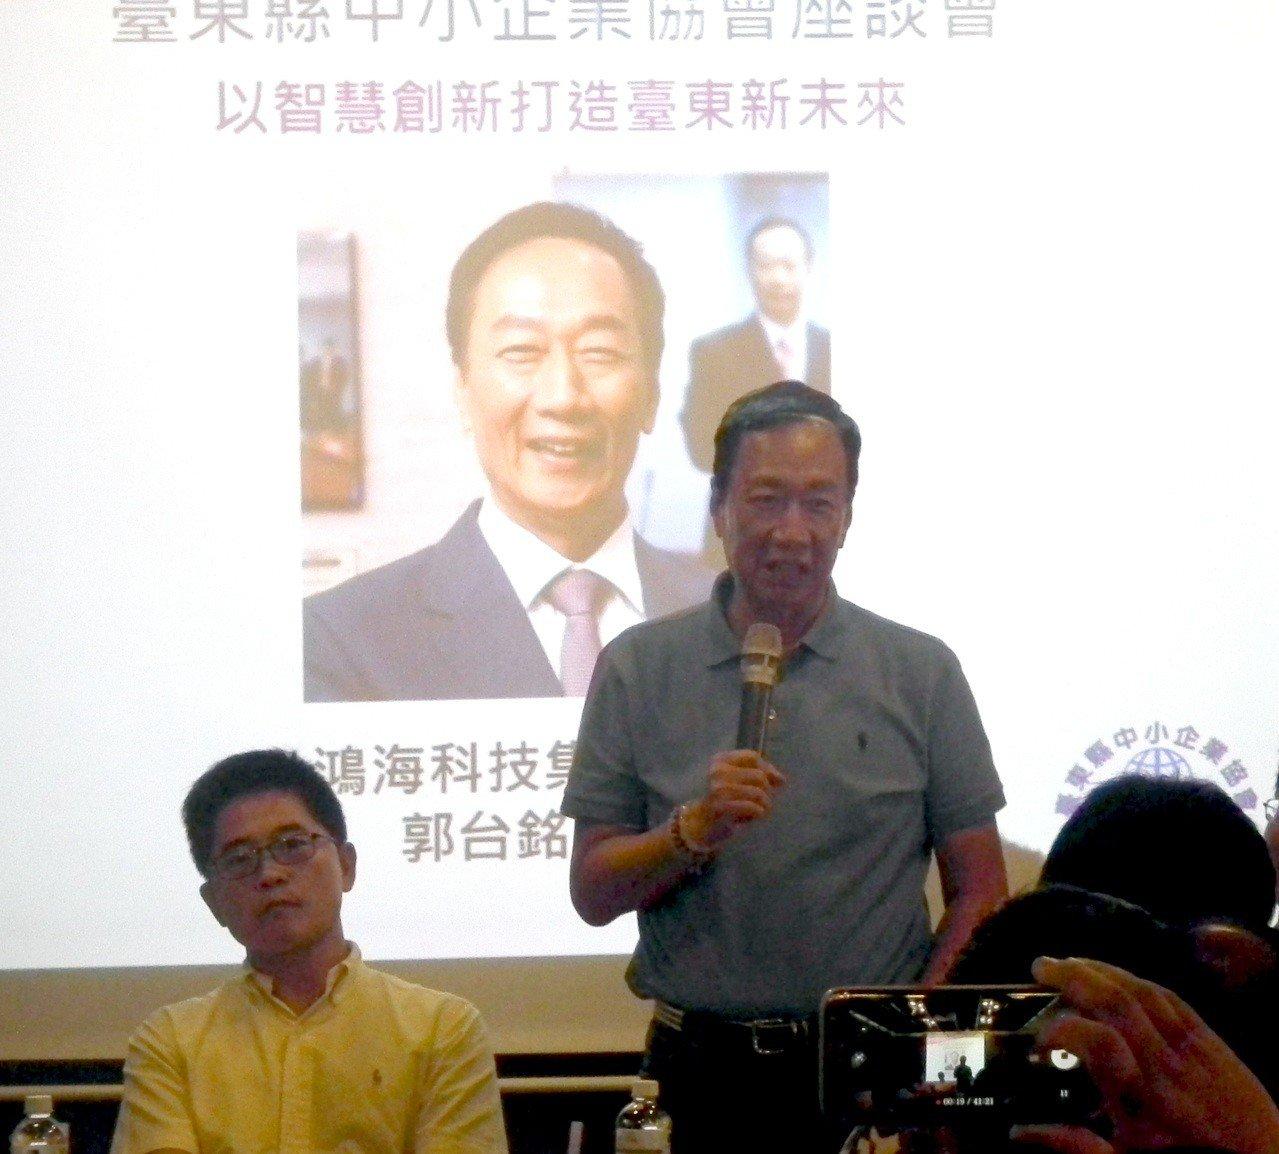 鴻海董事長郭台銘(站立者)今天下午與台東在地中小企業座談,會中他表示「若當上總統...